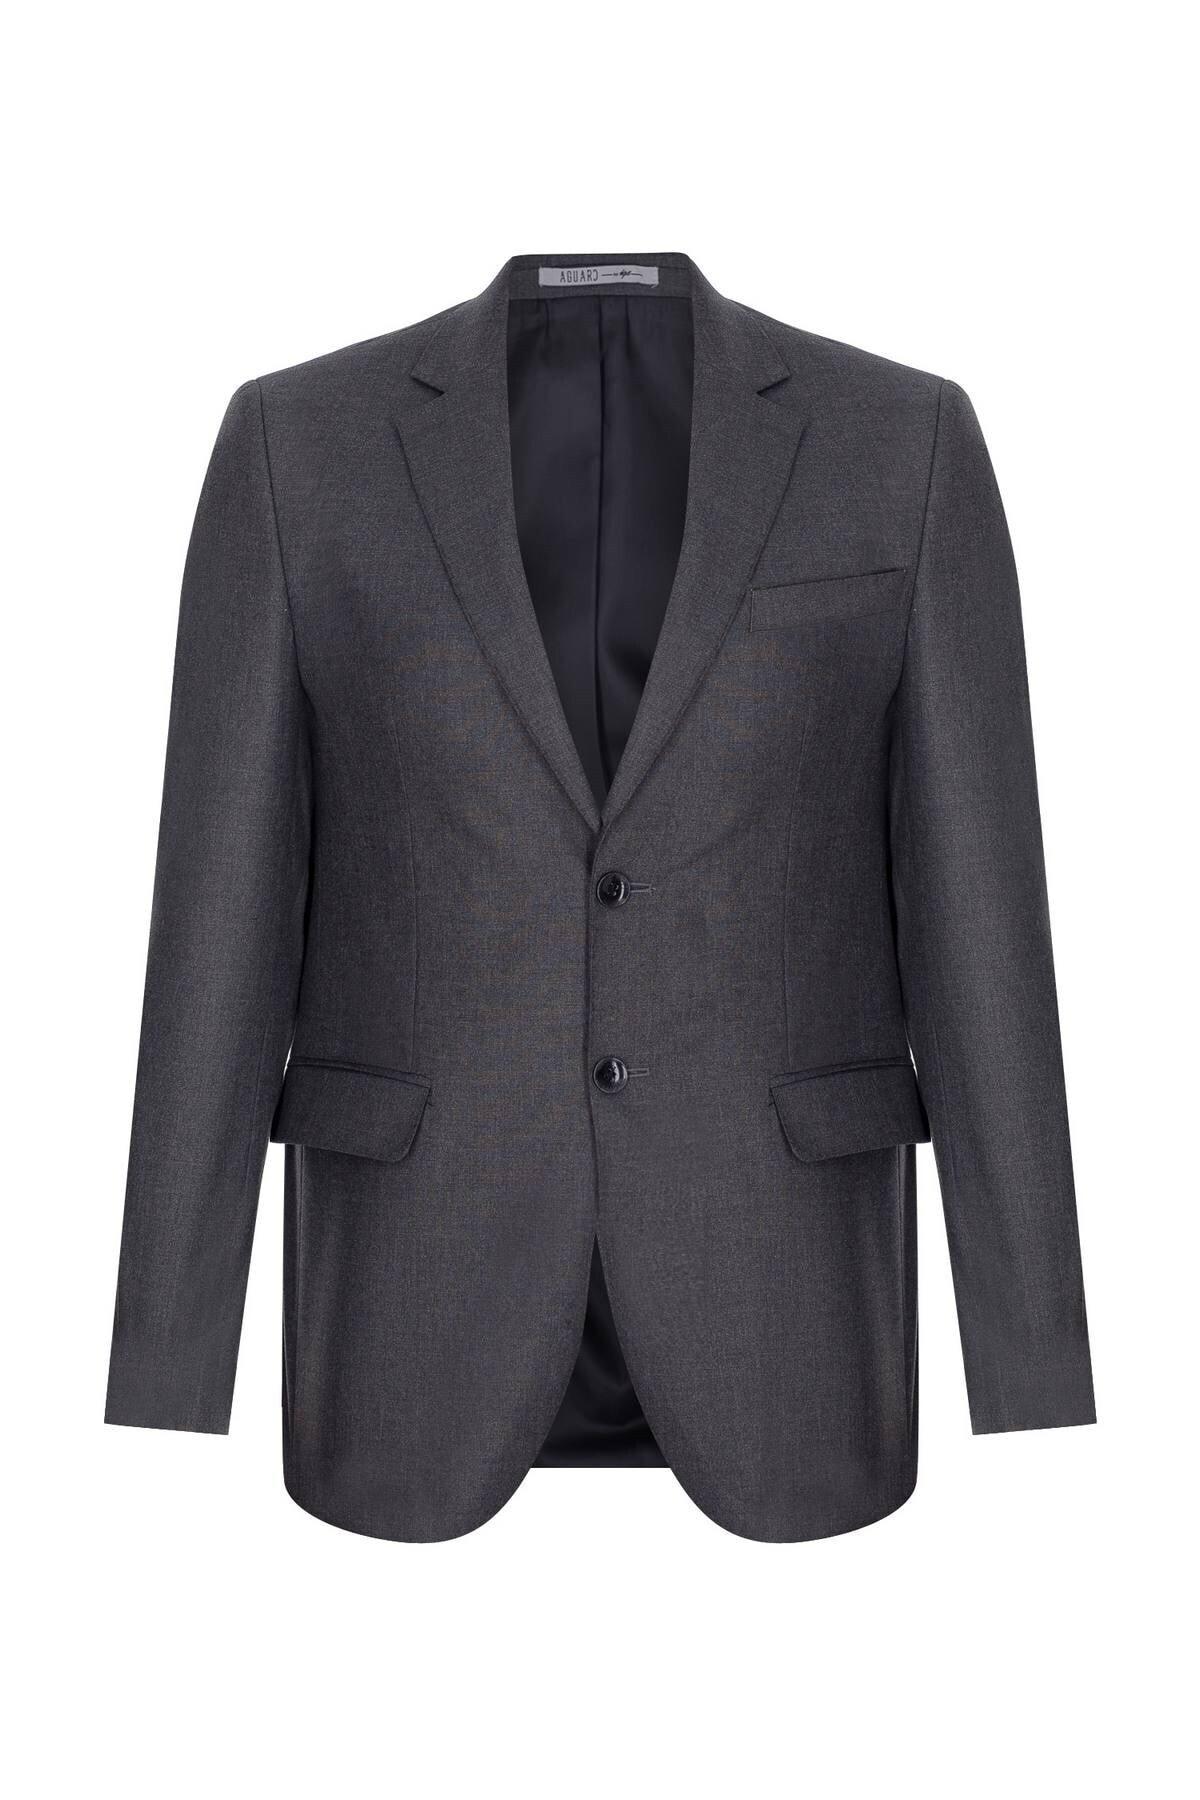 İgs Erkek Füme Barı / Geniş Kalıp Std Takım Elbise 2